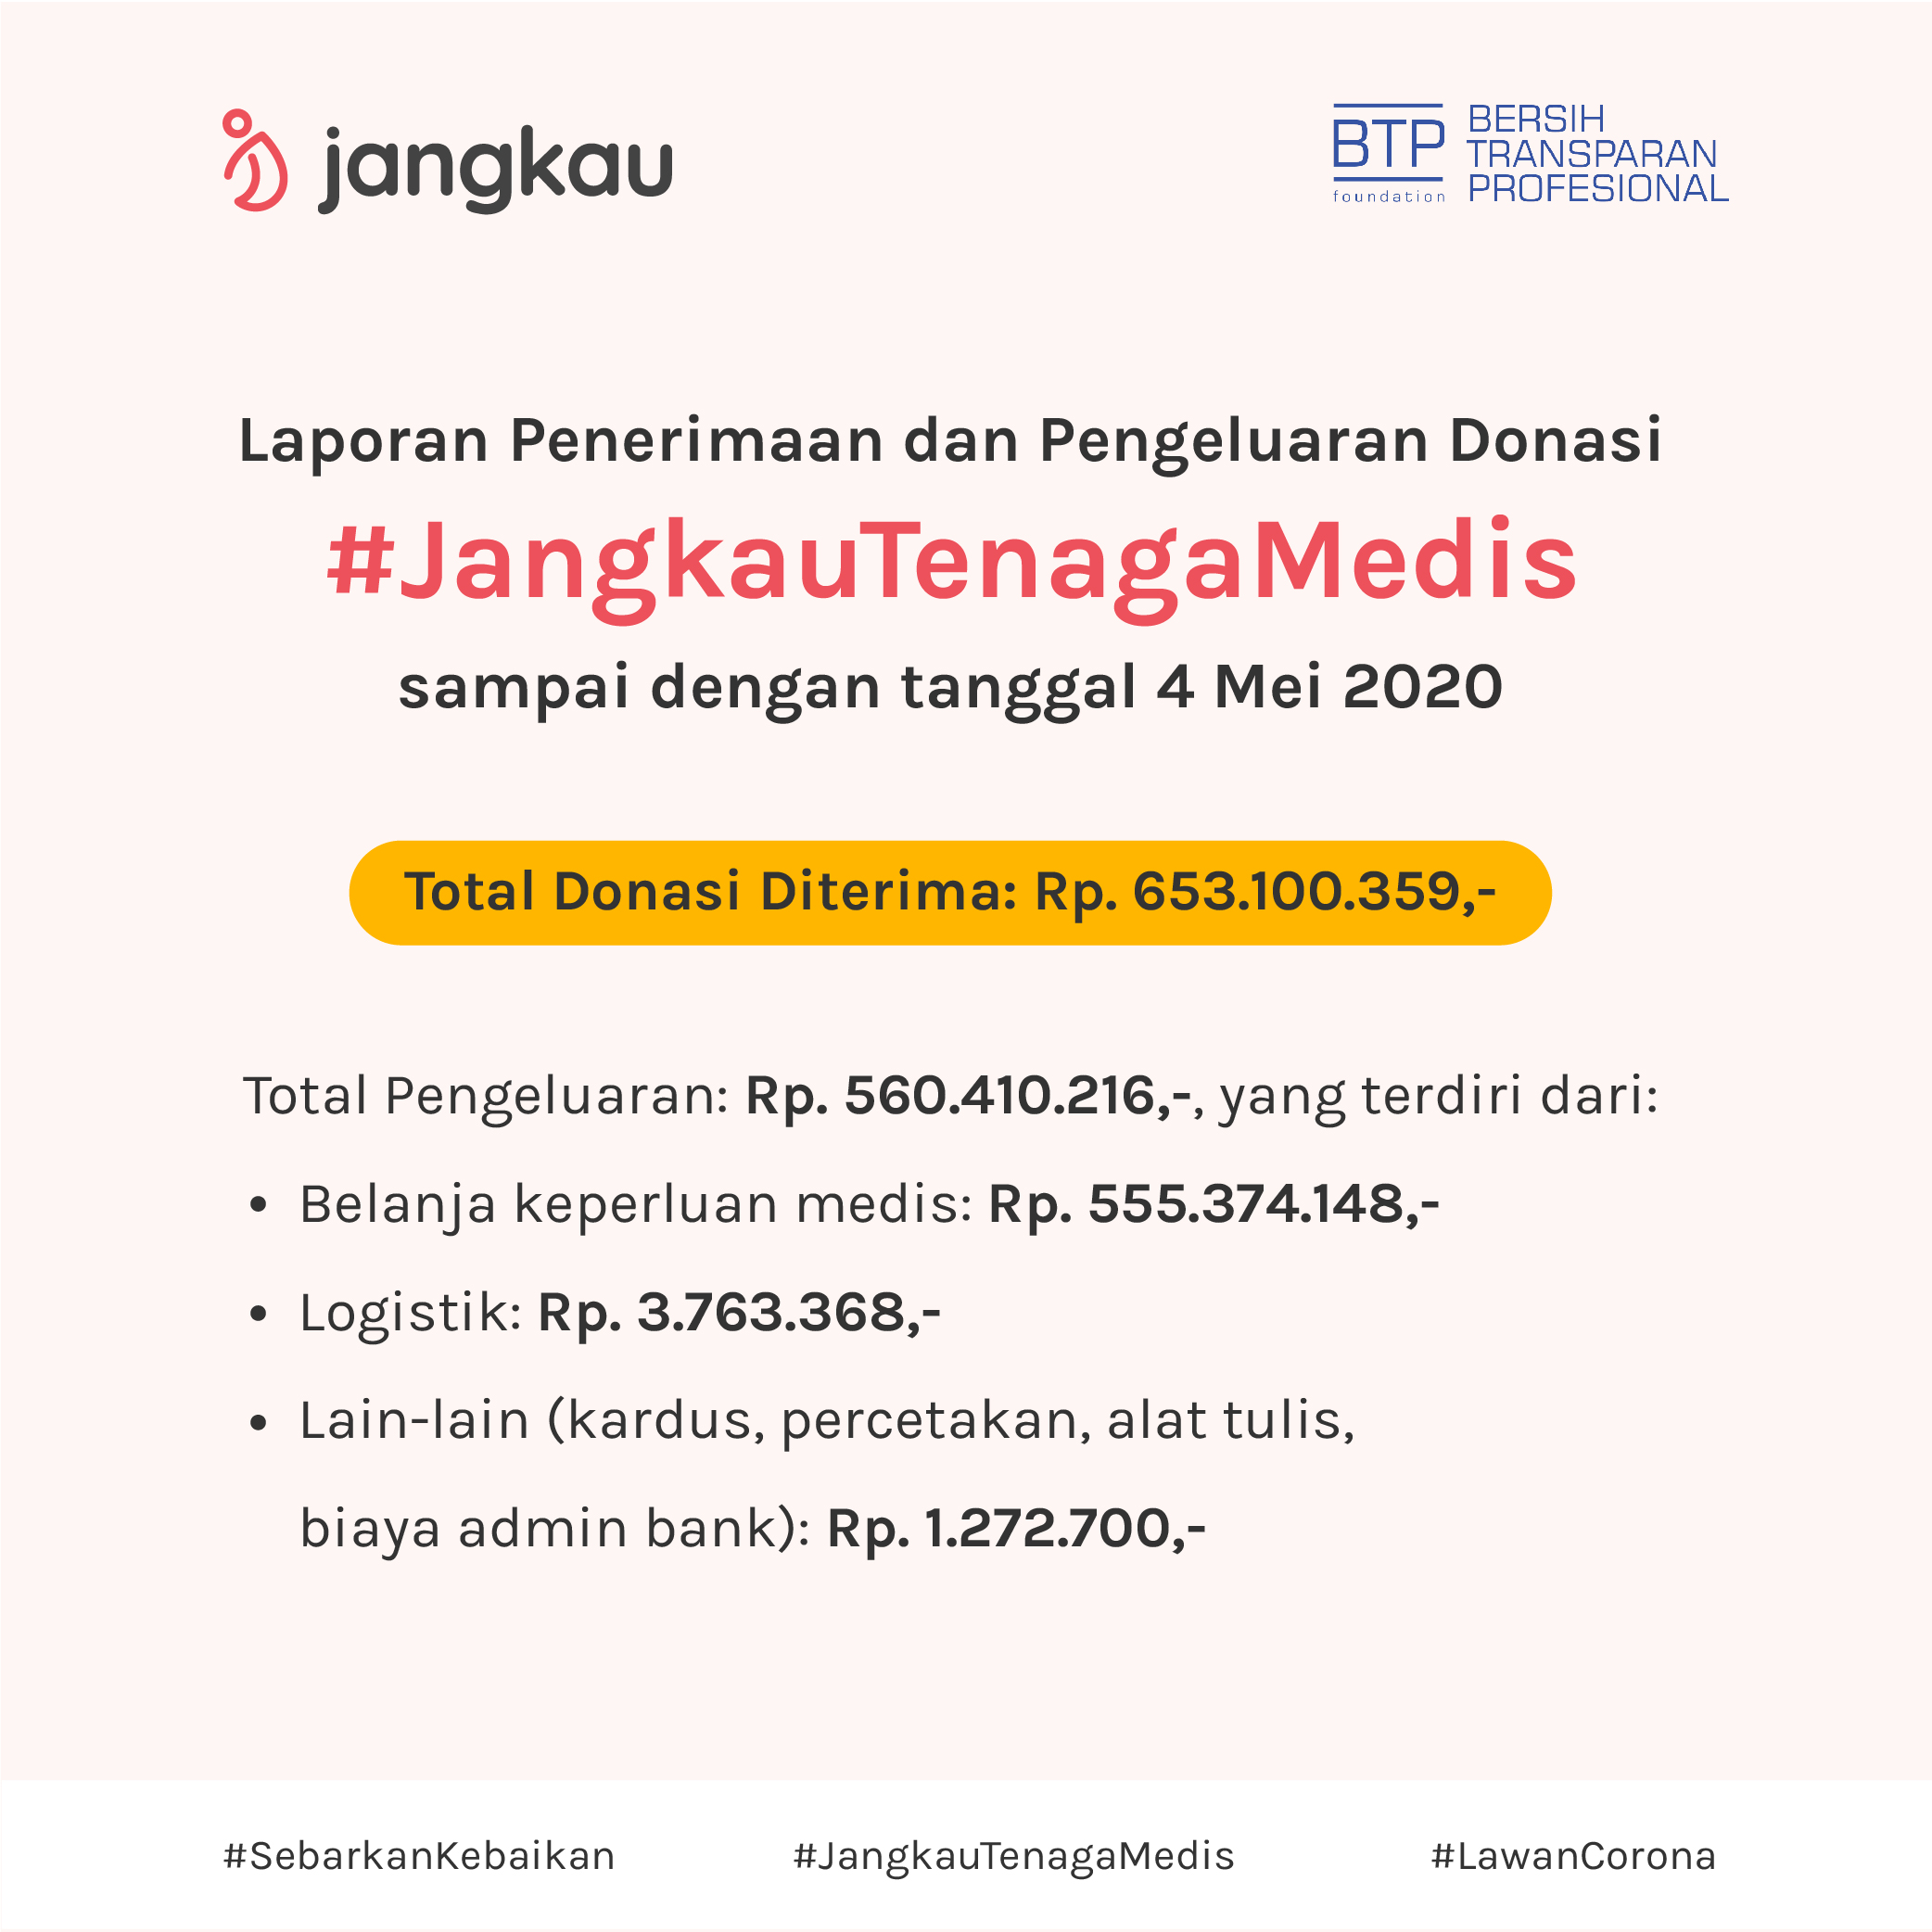 Laporan Donasi #JangkauTenagaMedis